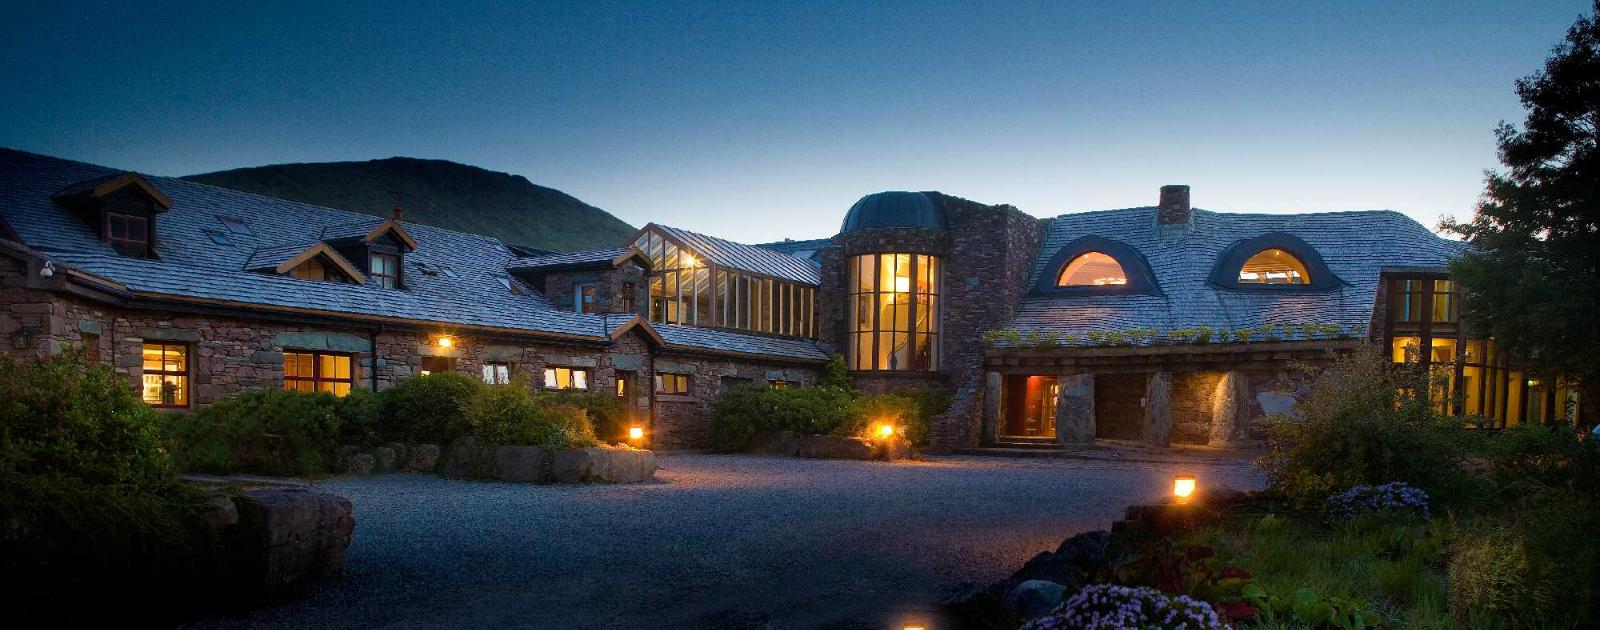 delphi-dusk-resort